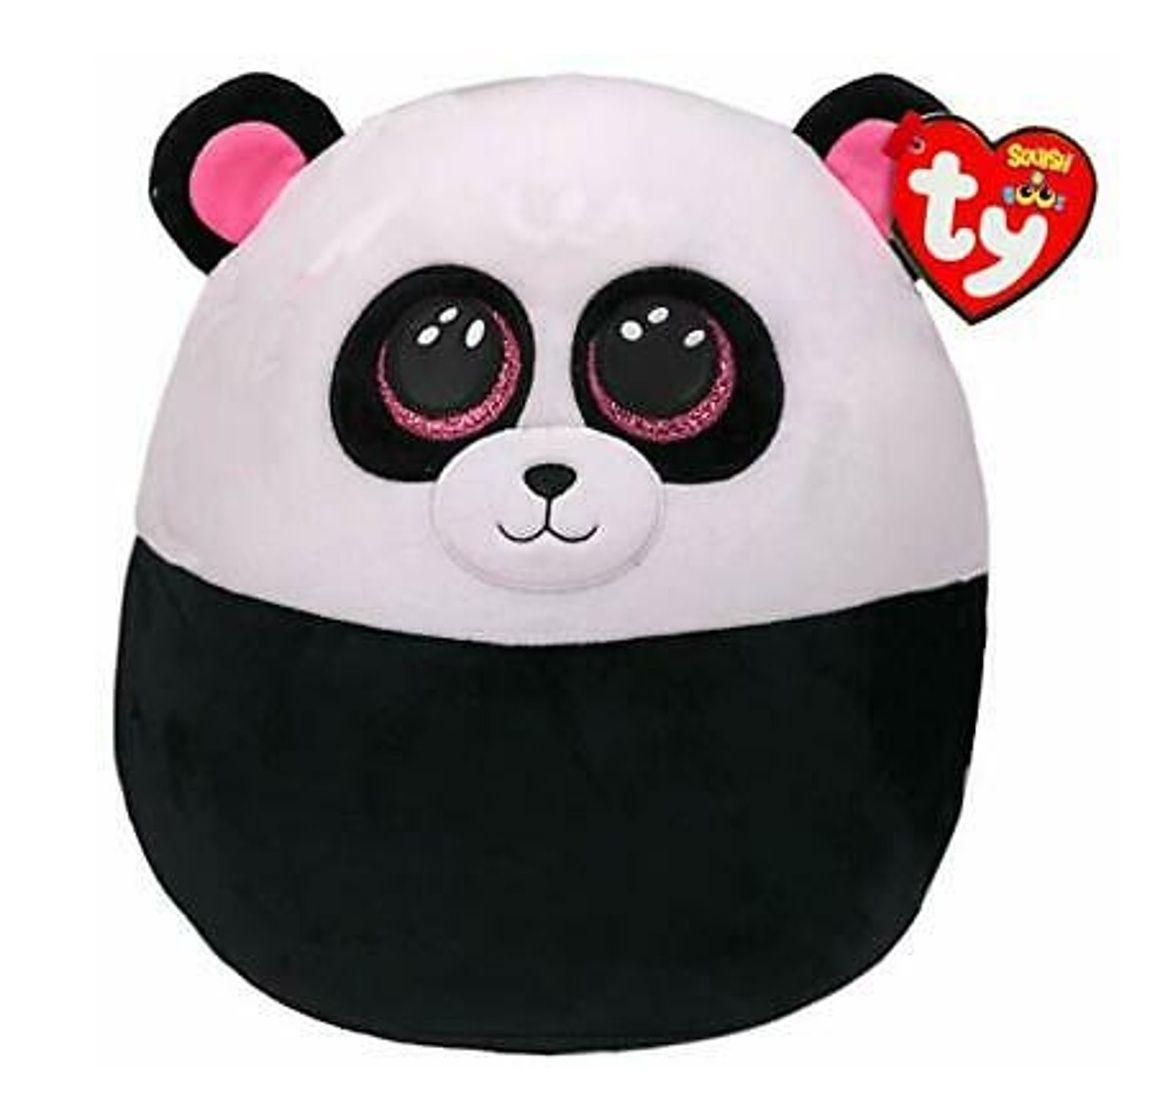 TY - plyšový polštářek - zvířátko 30 cm -panda Bamboo 39192